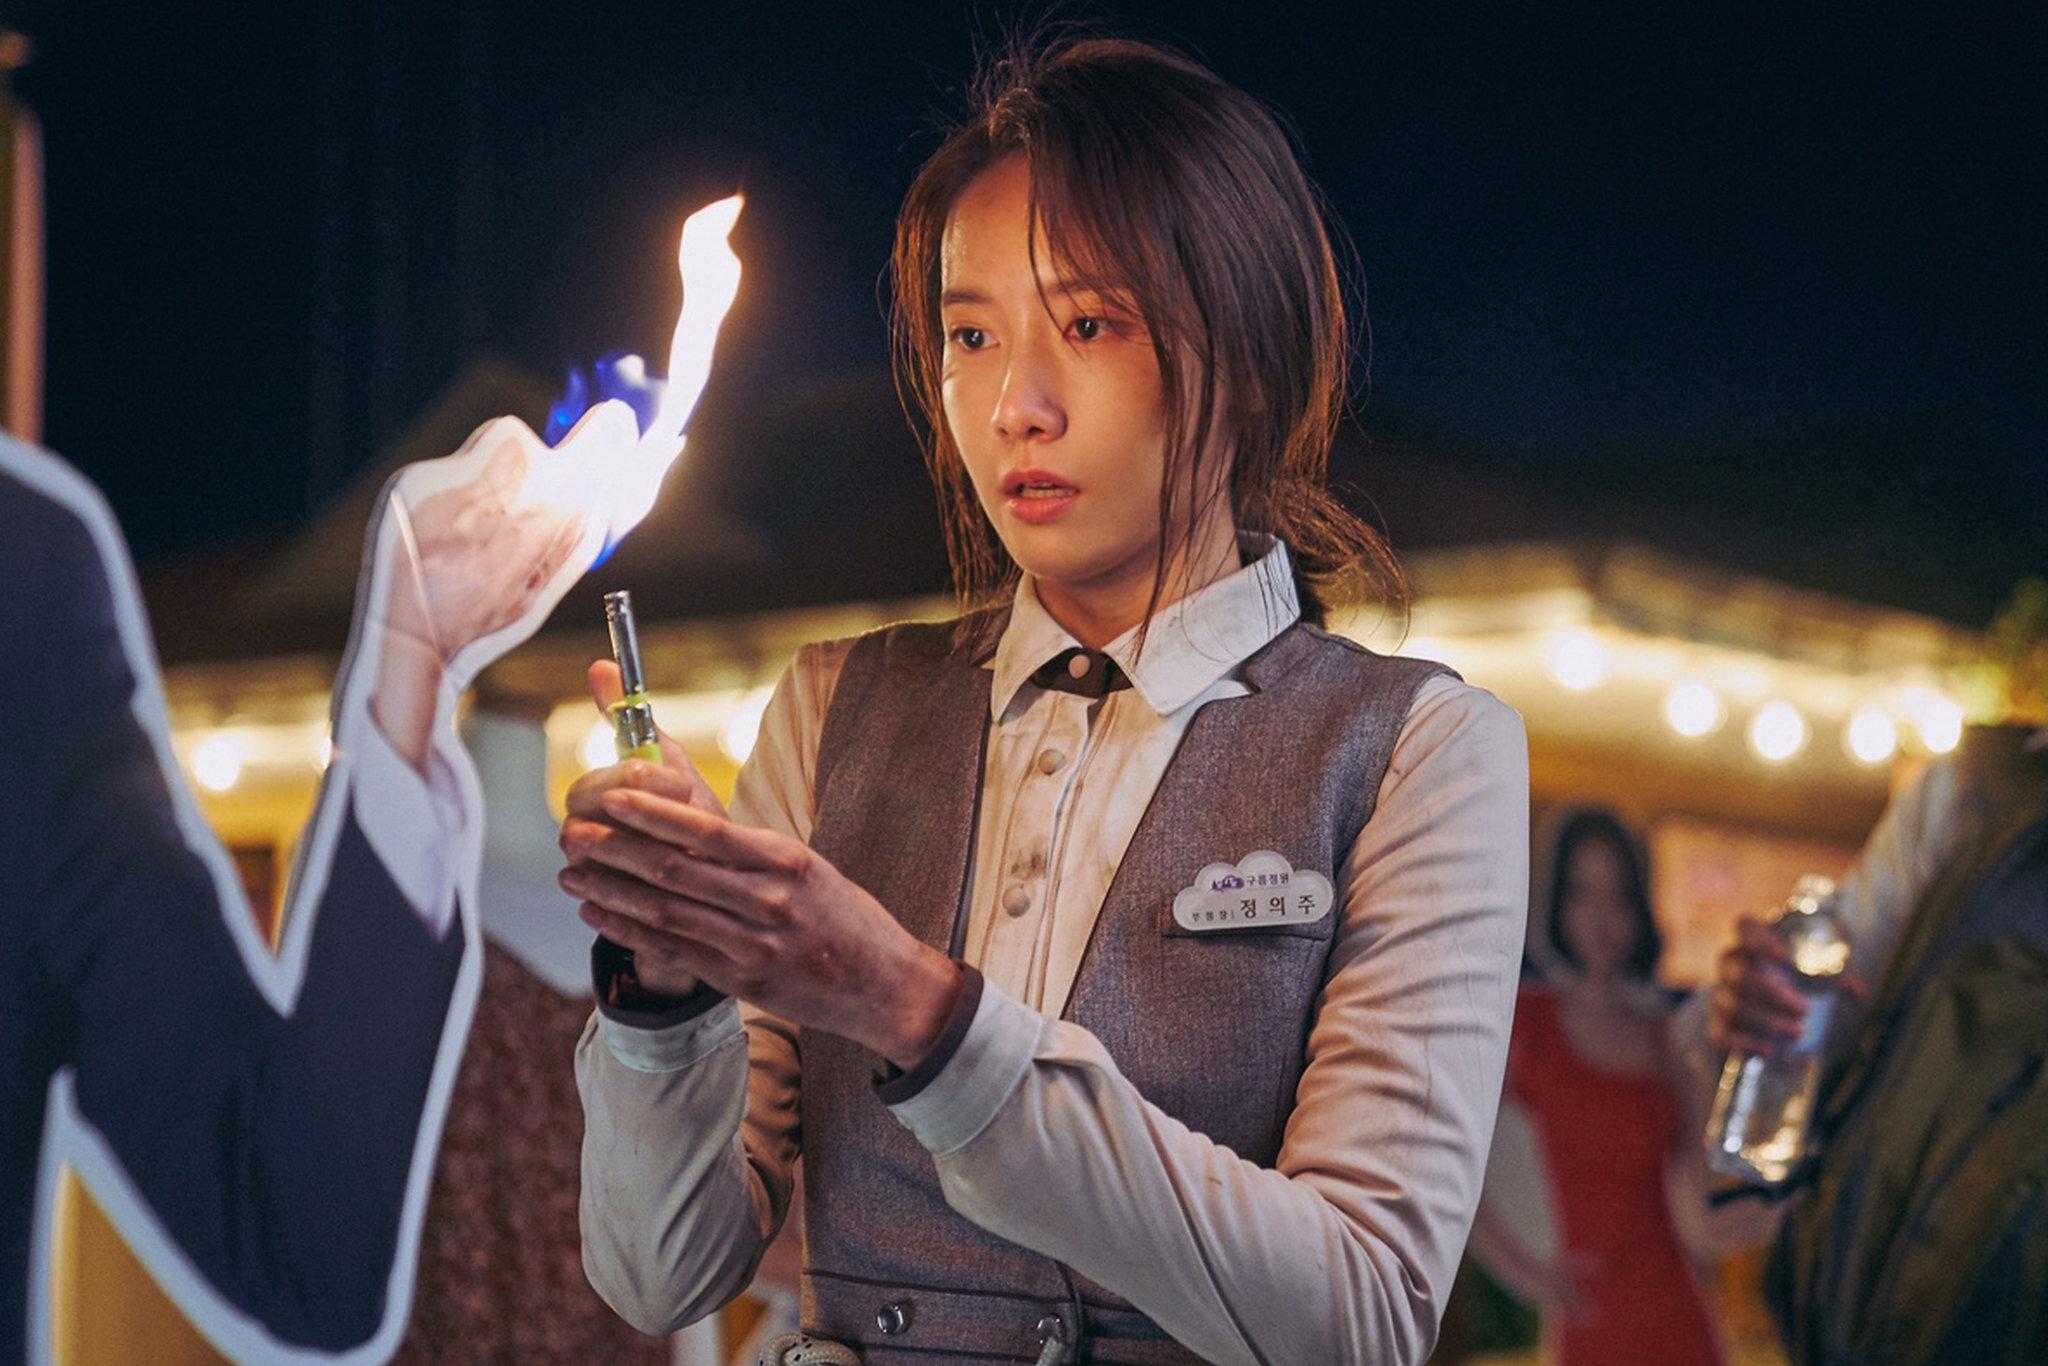 Yoon-ah Im